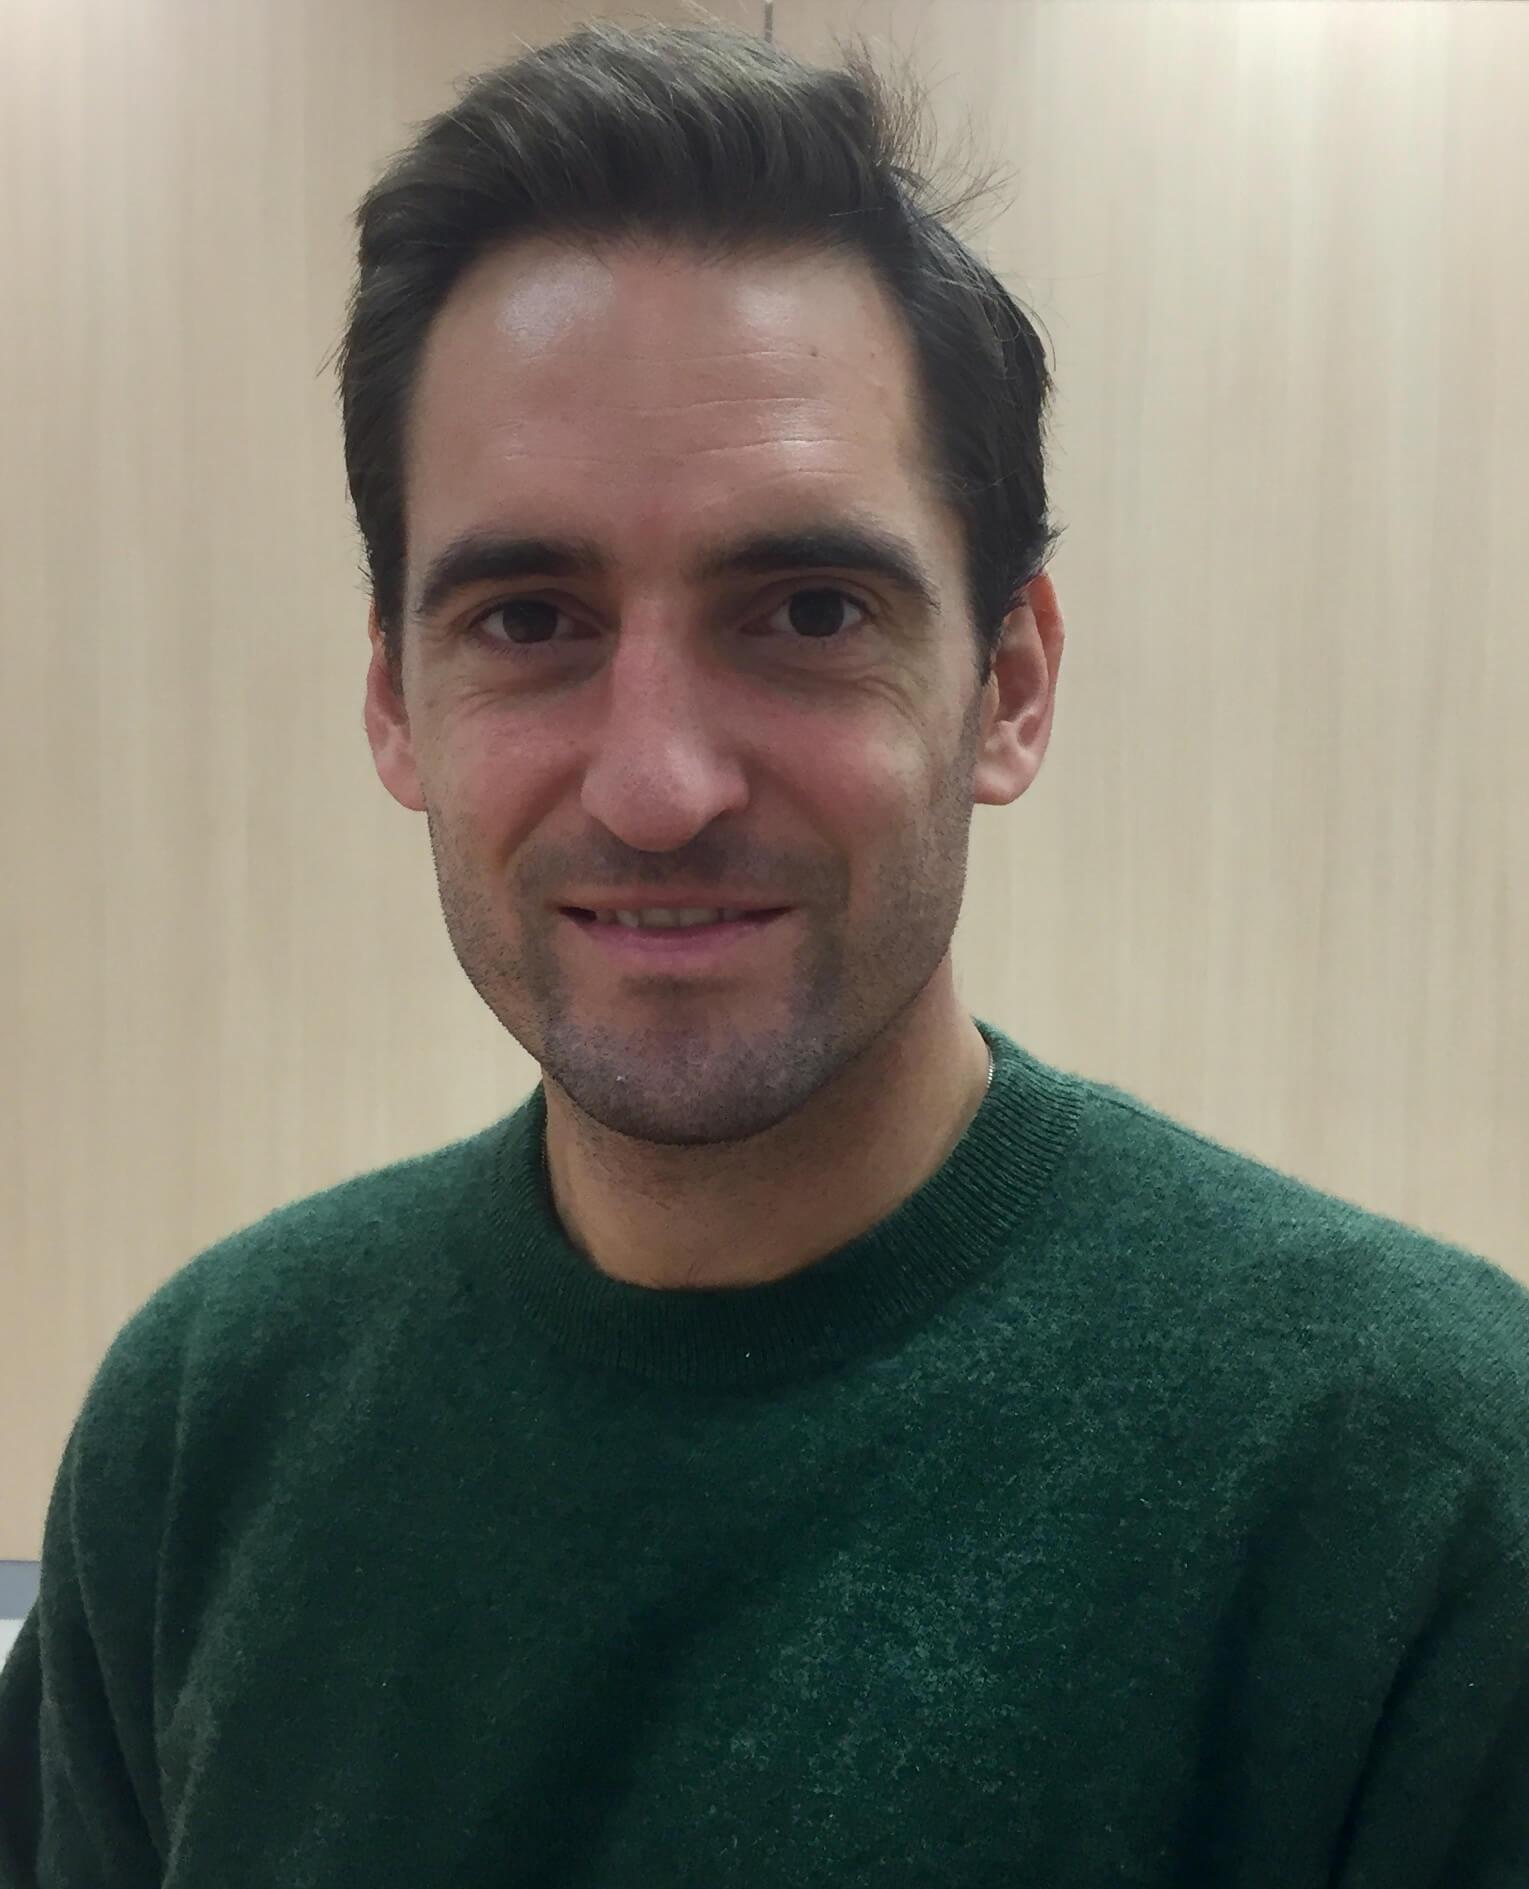 Lucas Vallejo